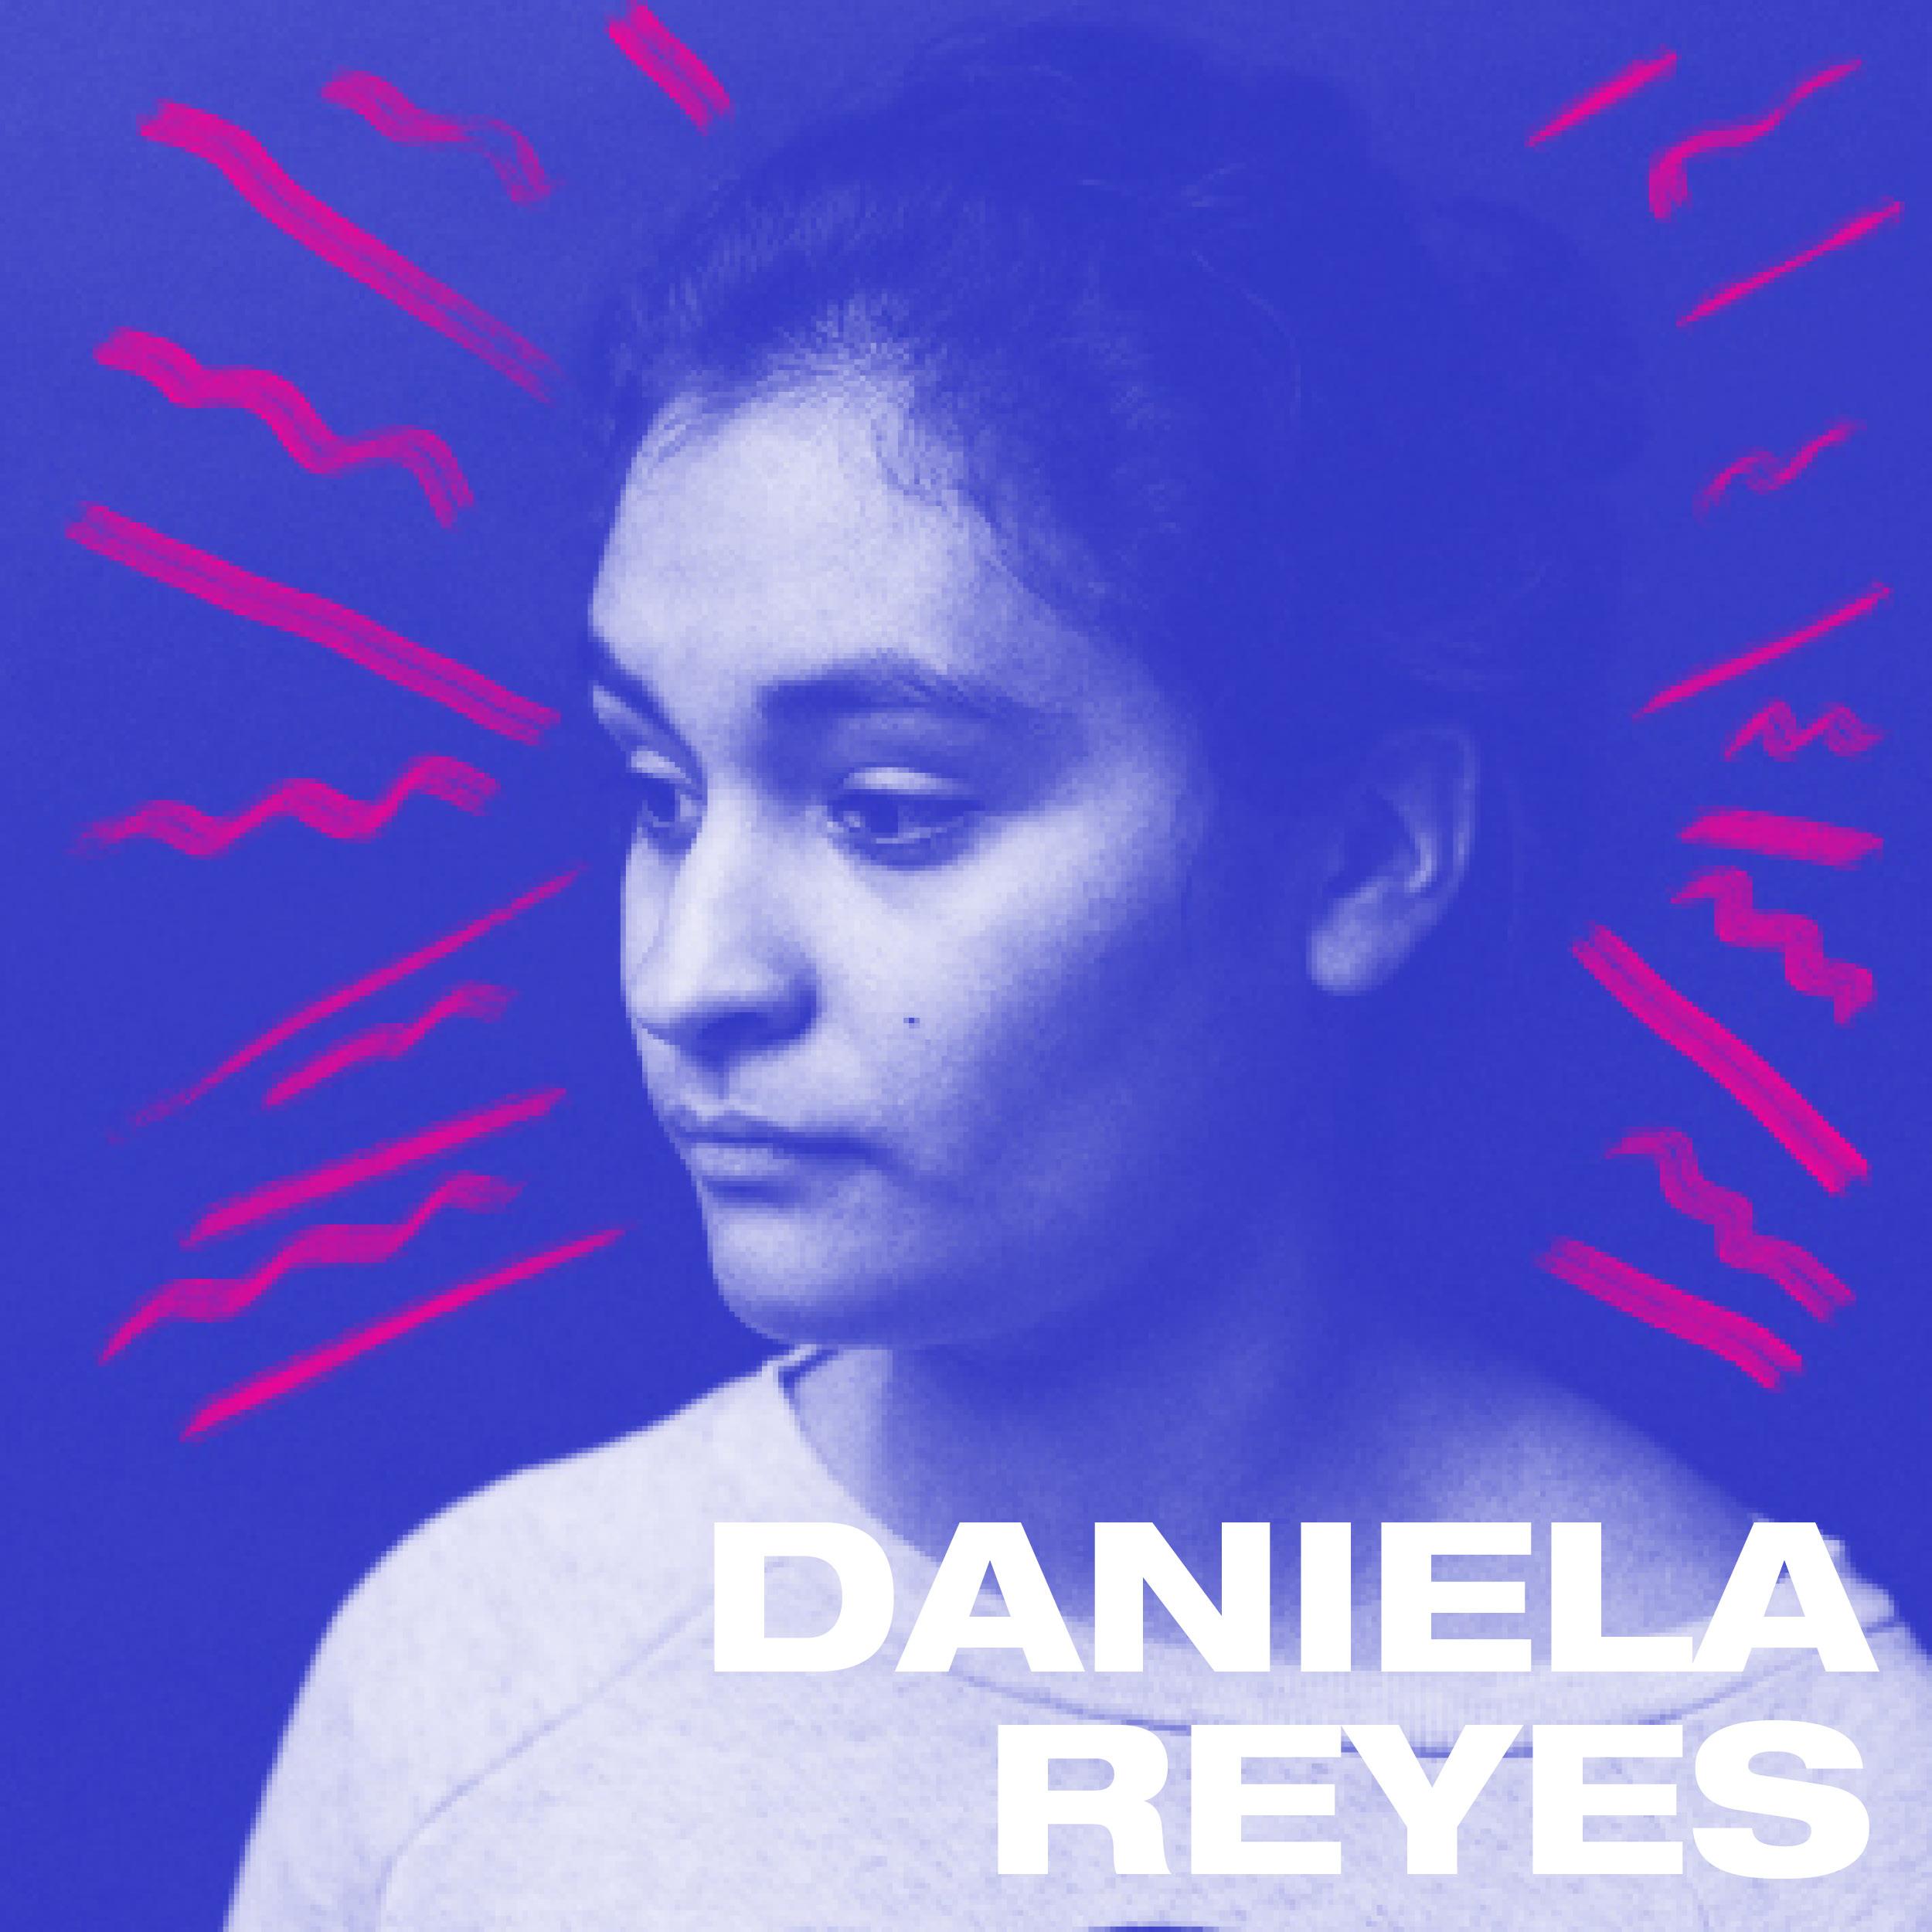 Visstnok synger Daniela Reyes som en snill liten demon og spiller trekkspill som en havnearbeider i Amsterdam. Hun kombinerer det uskyldige med det mektige. Loopstasjon, akkordion, gitar, fotbass og en enestående stemme lager store lydlandskaper.